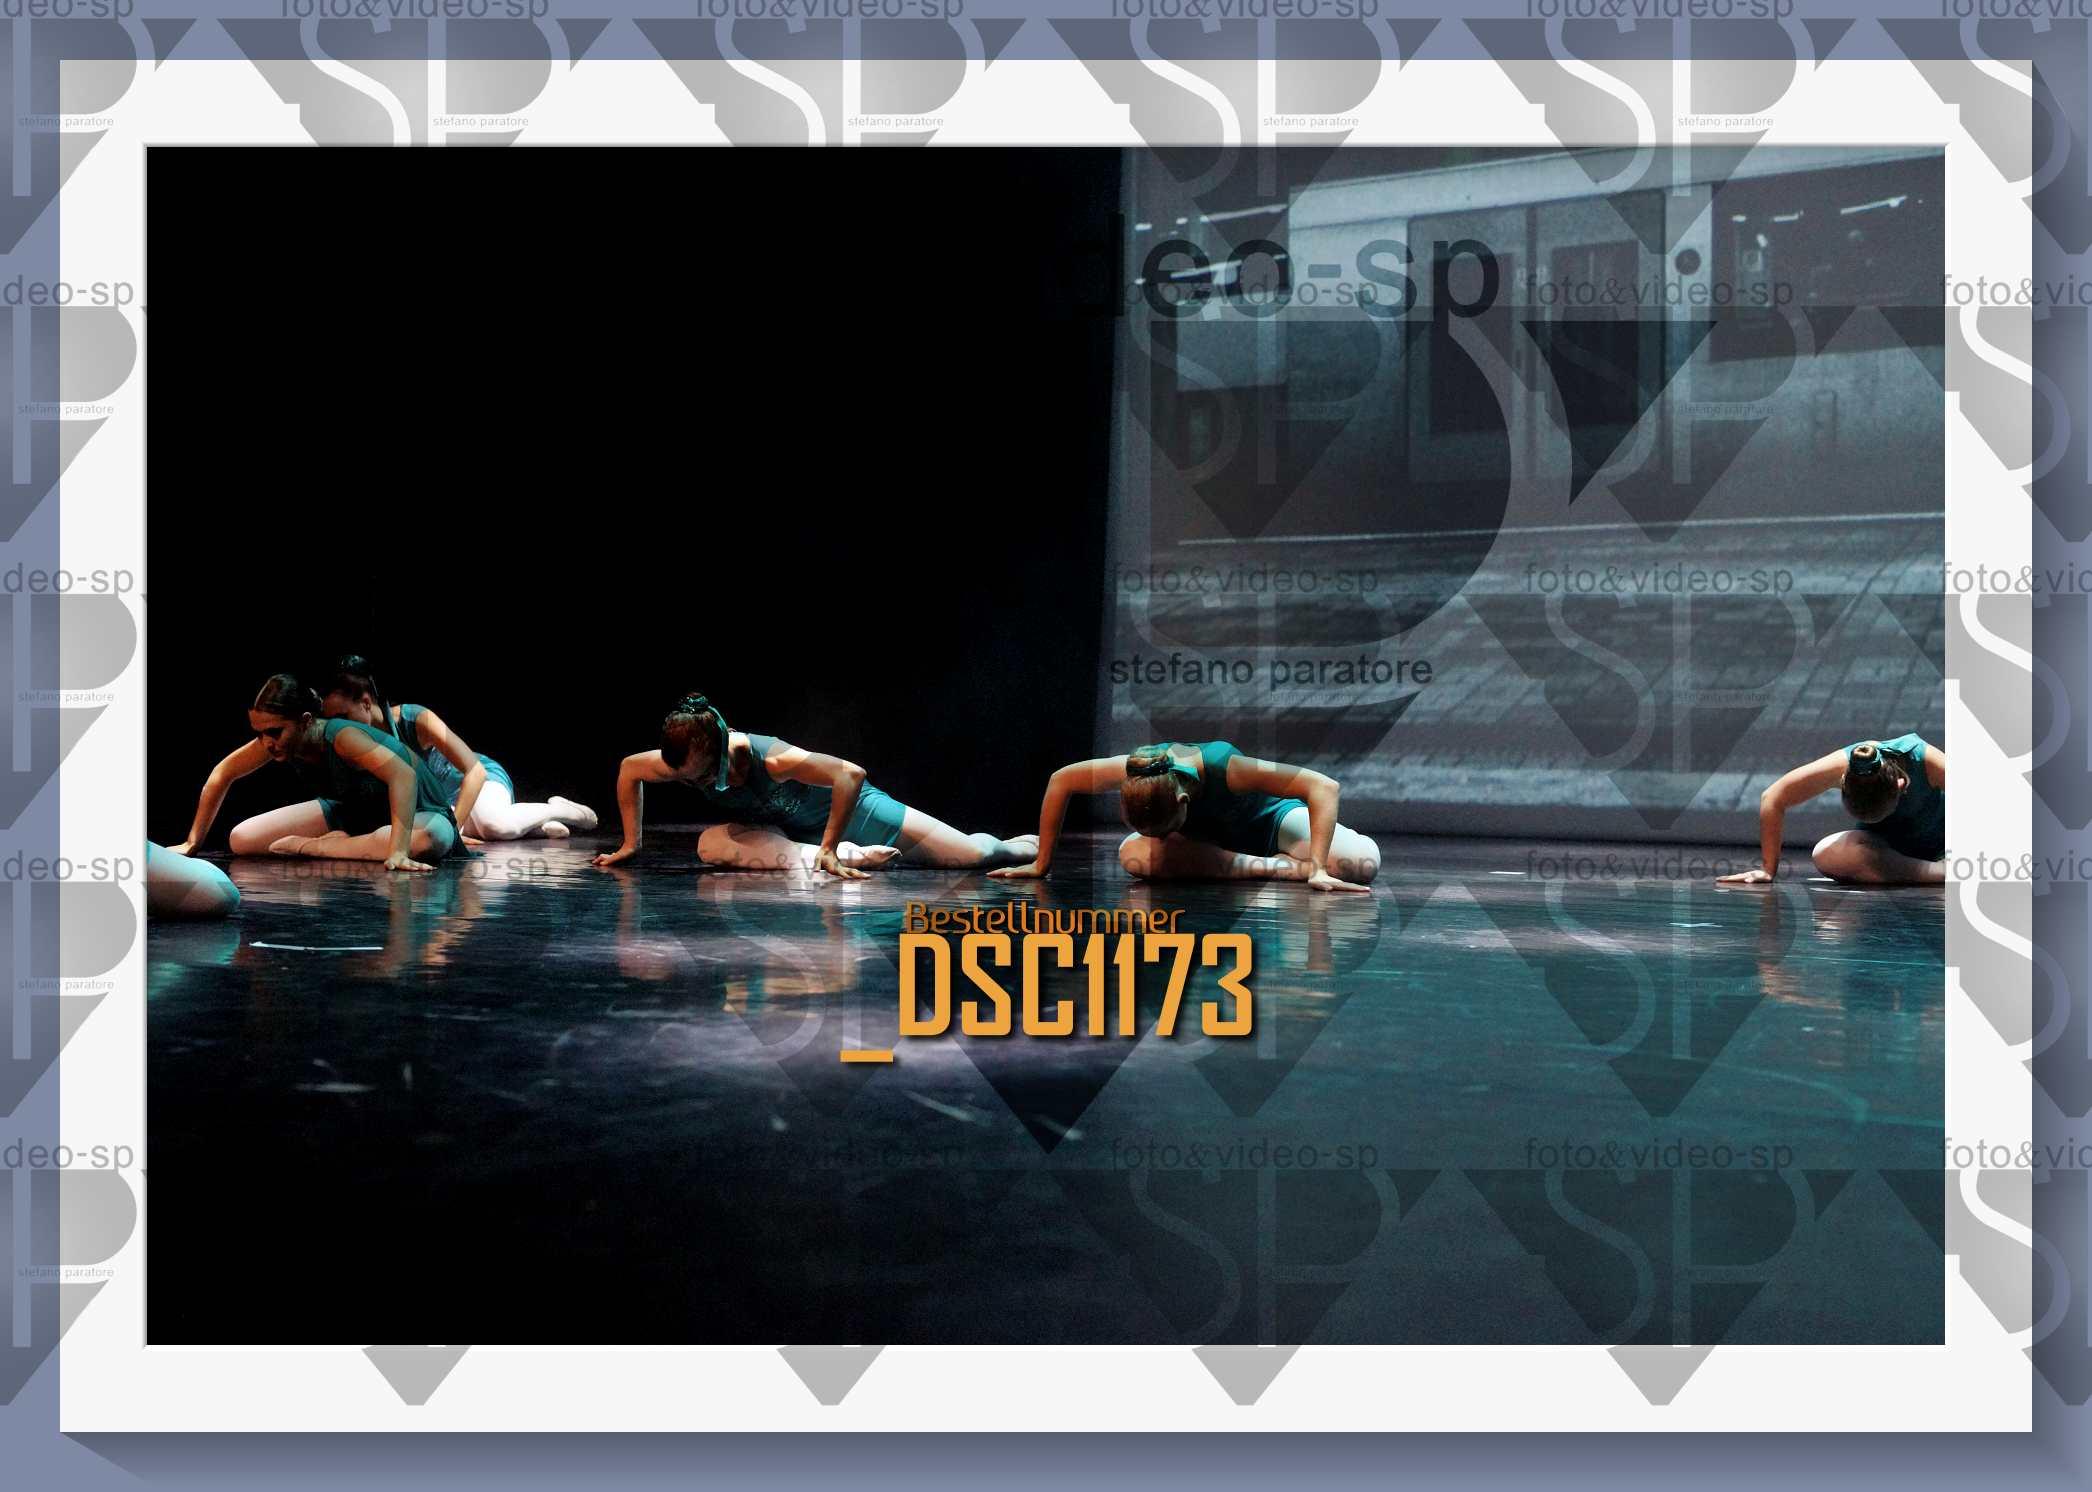 DSC1173